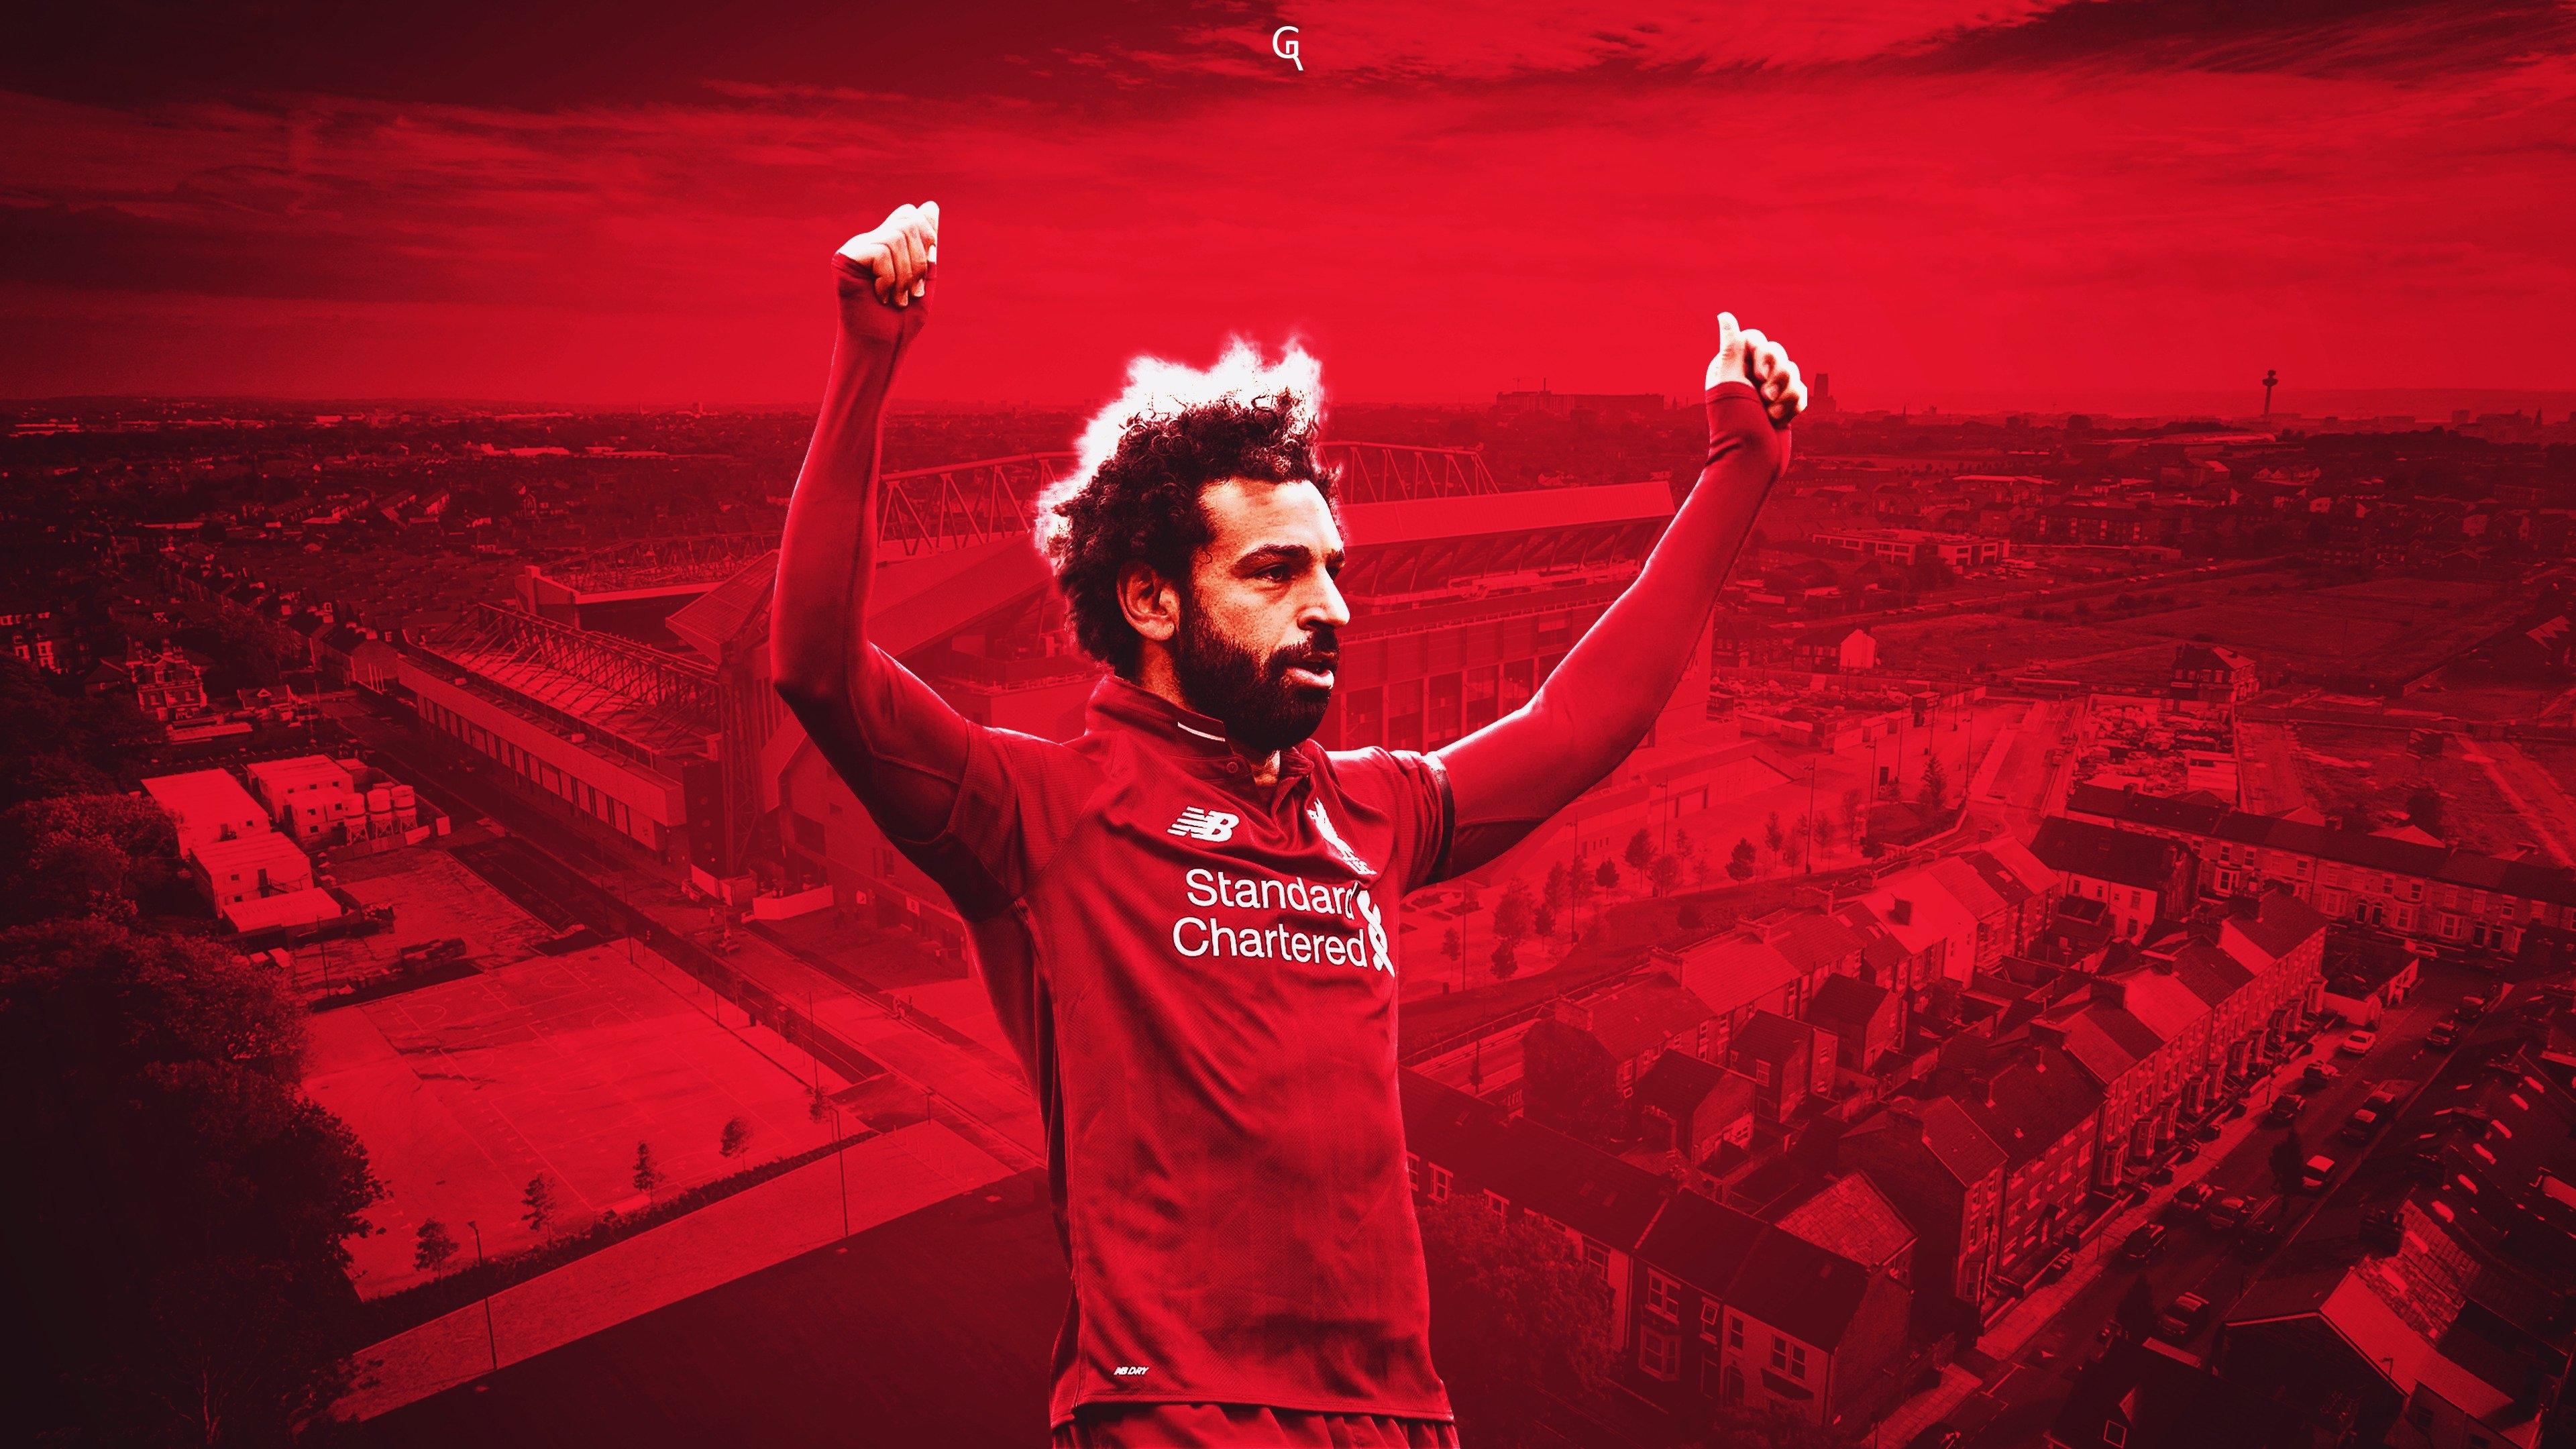 Mohamed Salah 4K Wallpaper, HD Sports 4K Wallpapers